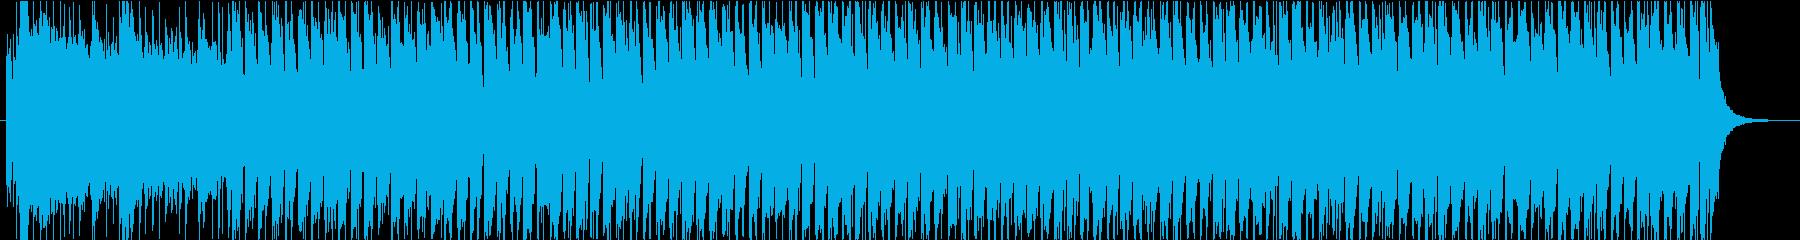 【オープニング】生楽器中心の明るいマーチの再生済みの波形